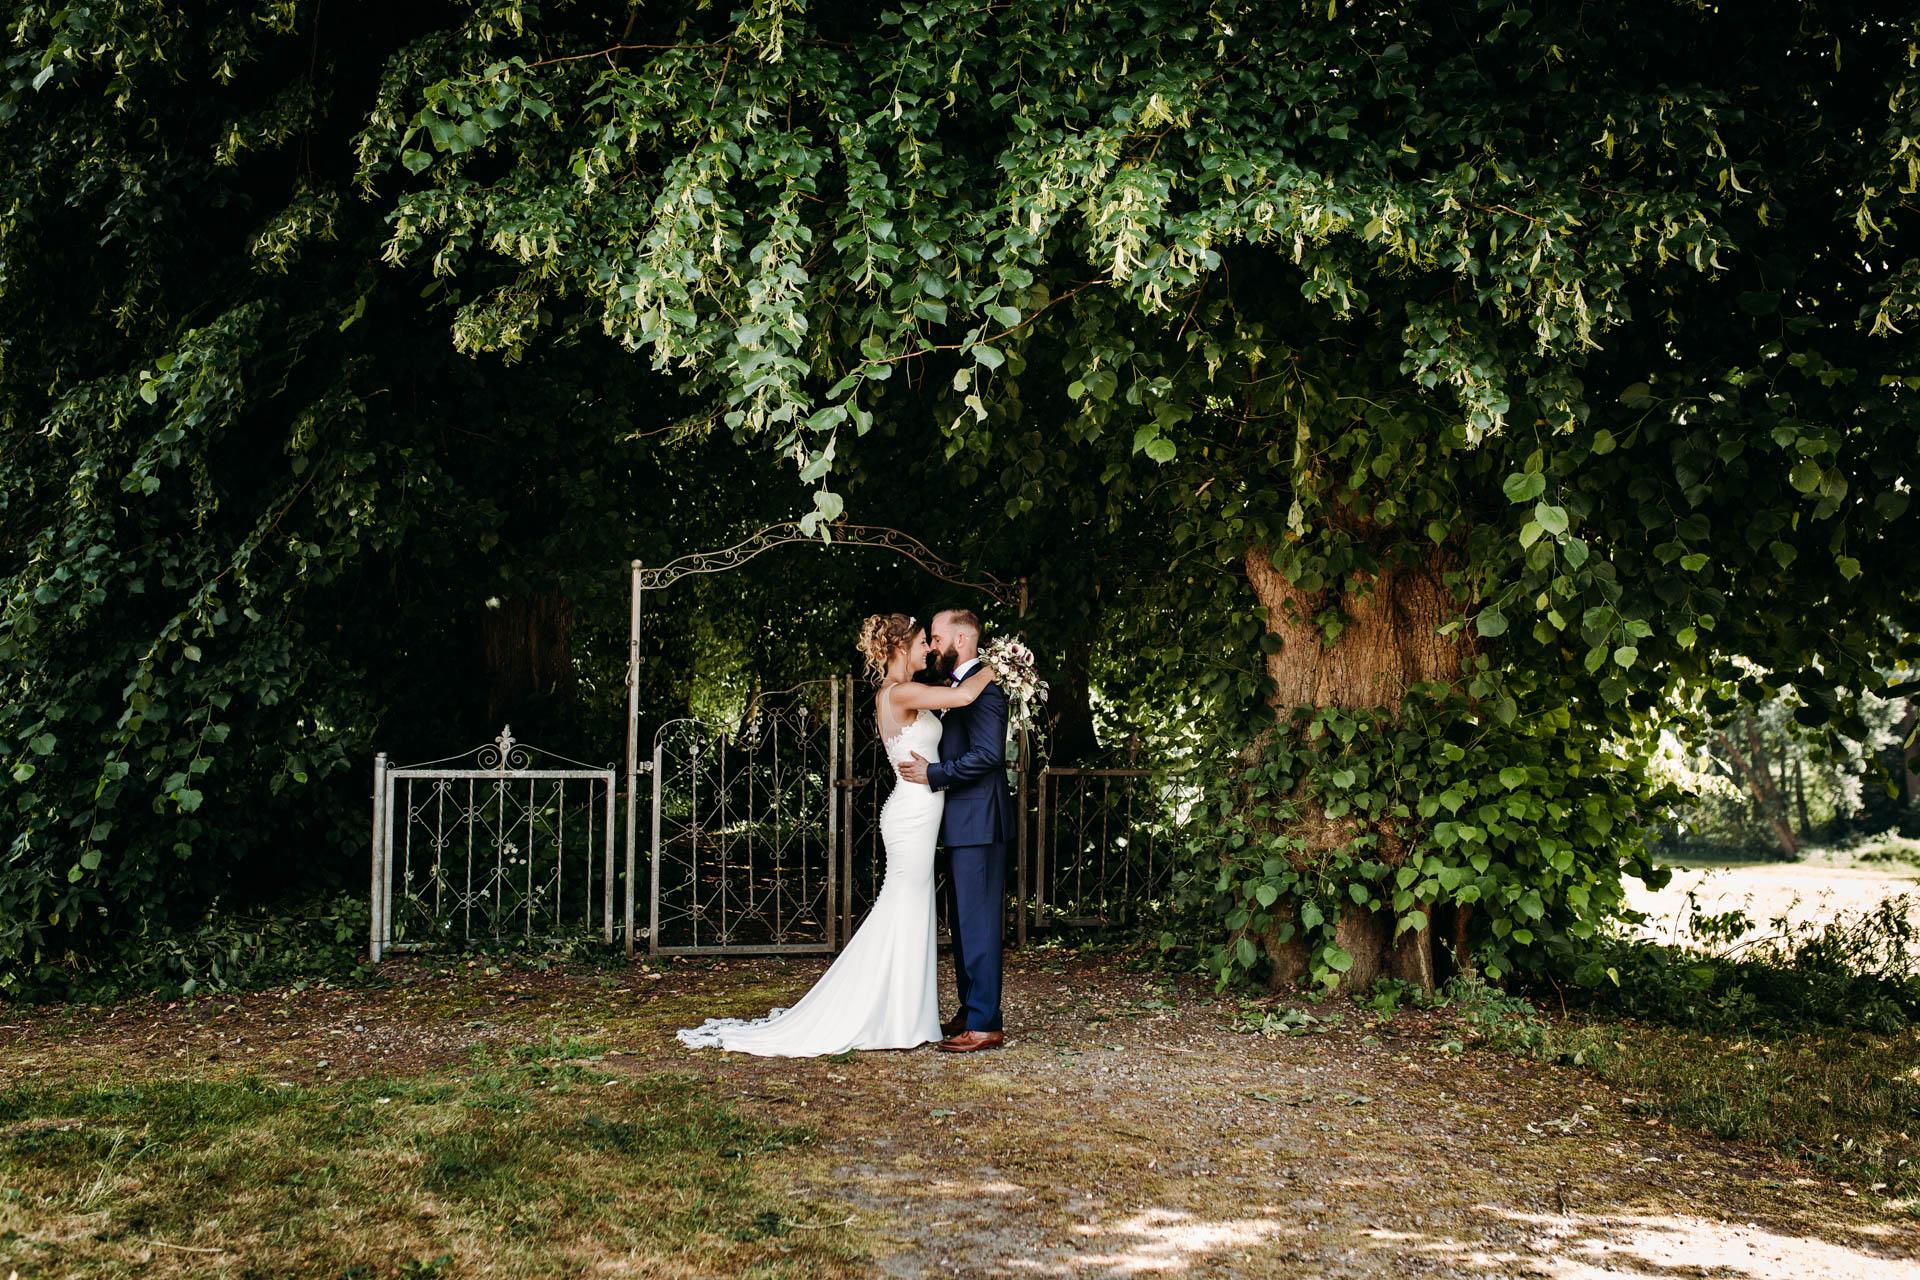 Hochzeitsfotograf für kreative und emotionale Hochzeitsportraits & Hochzeitsreportagen in Landgestuet Traventhal